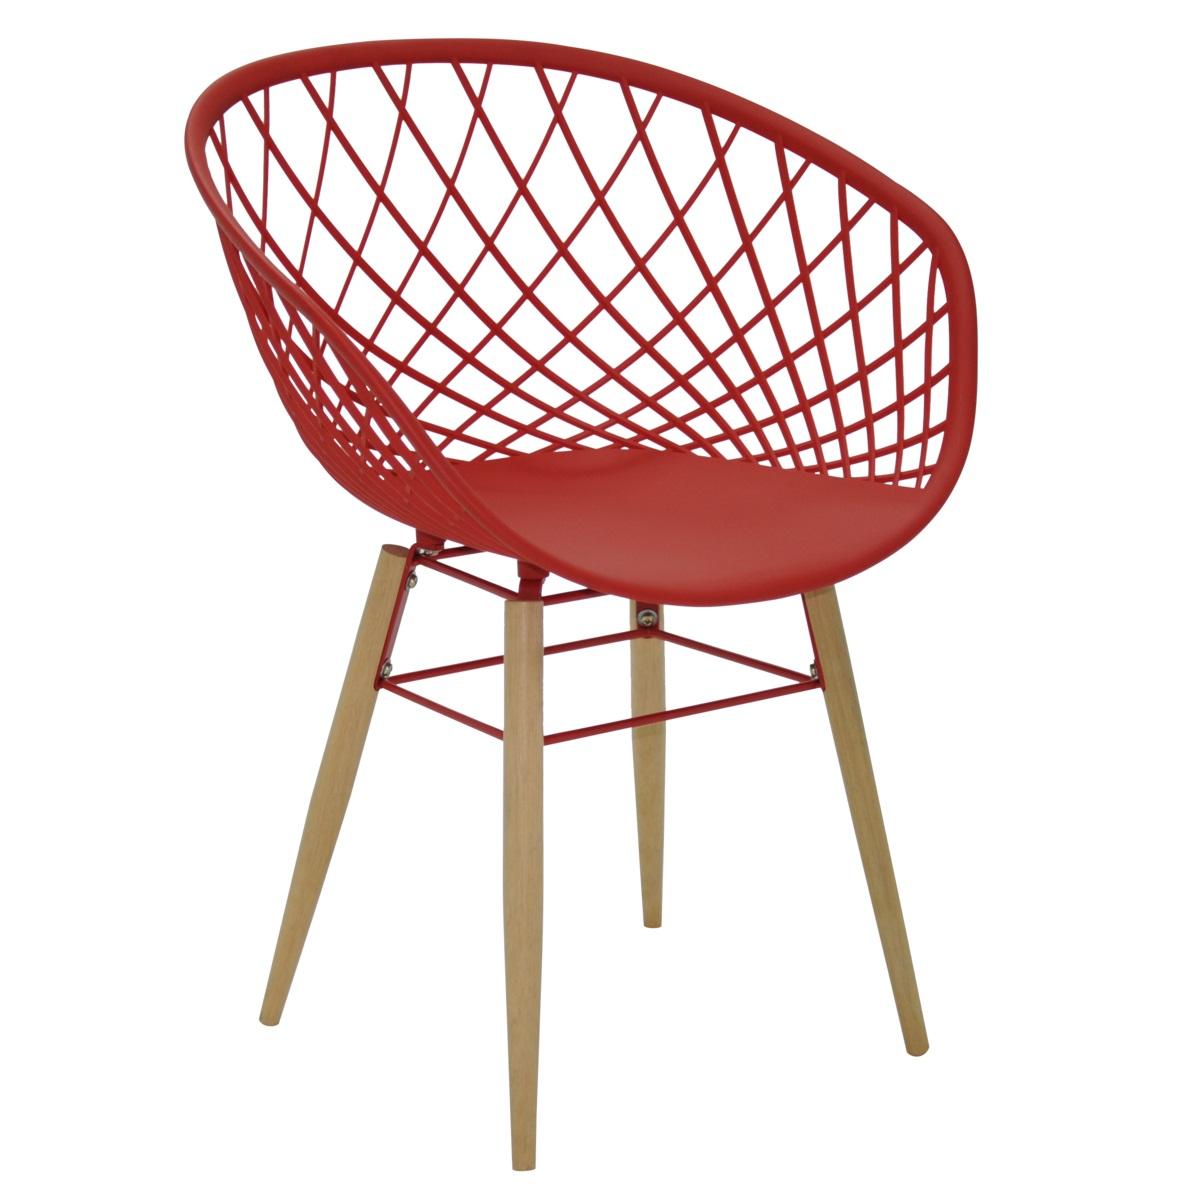 artigos_para_decoracao_cadeira_tramontina_sidera_vermelha